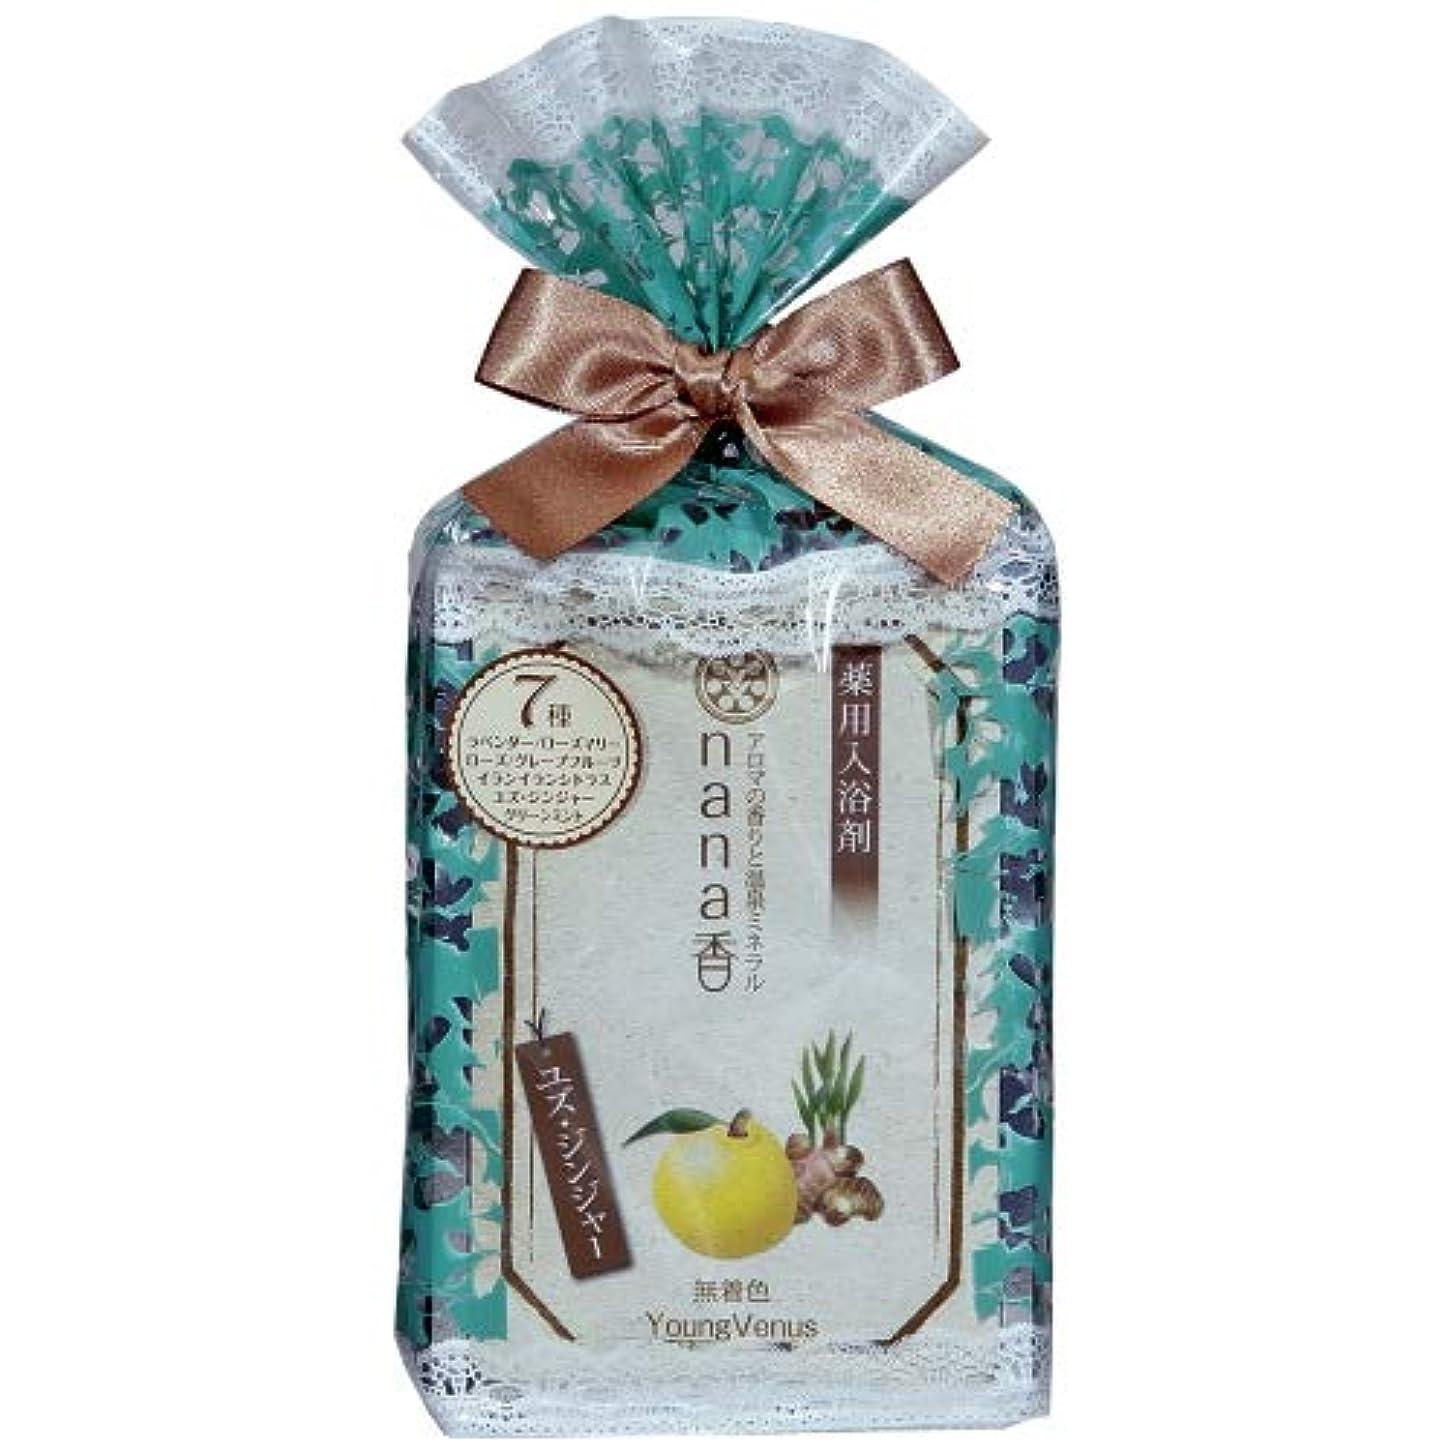 開発するクレーター作曲家薬用入浴剤 ヤングビーナス nana香シリーズ詰合せ 7袋入り 医薬部外品